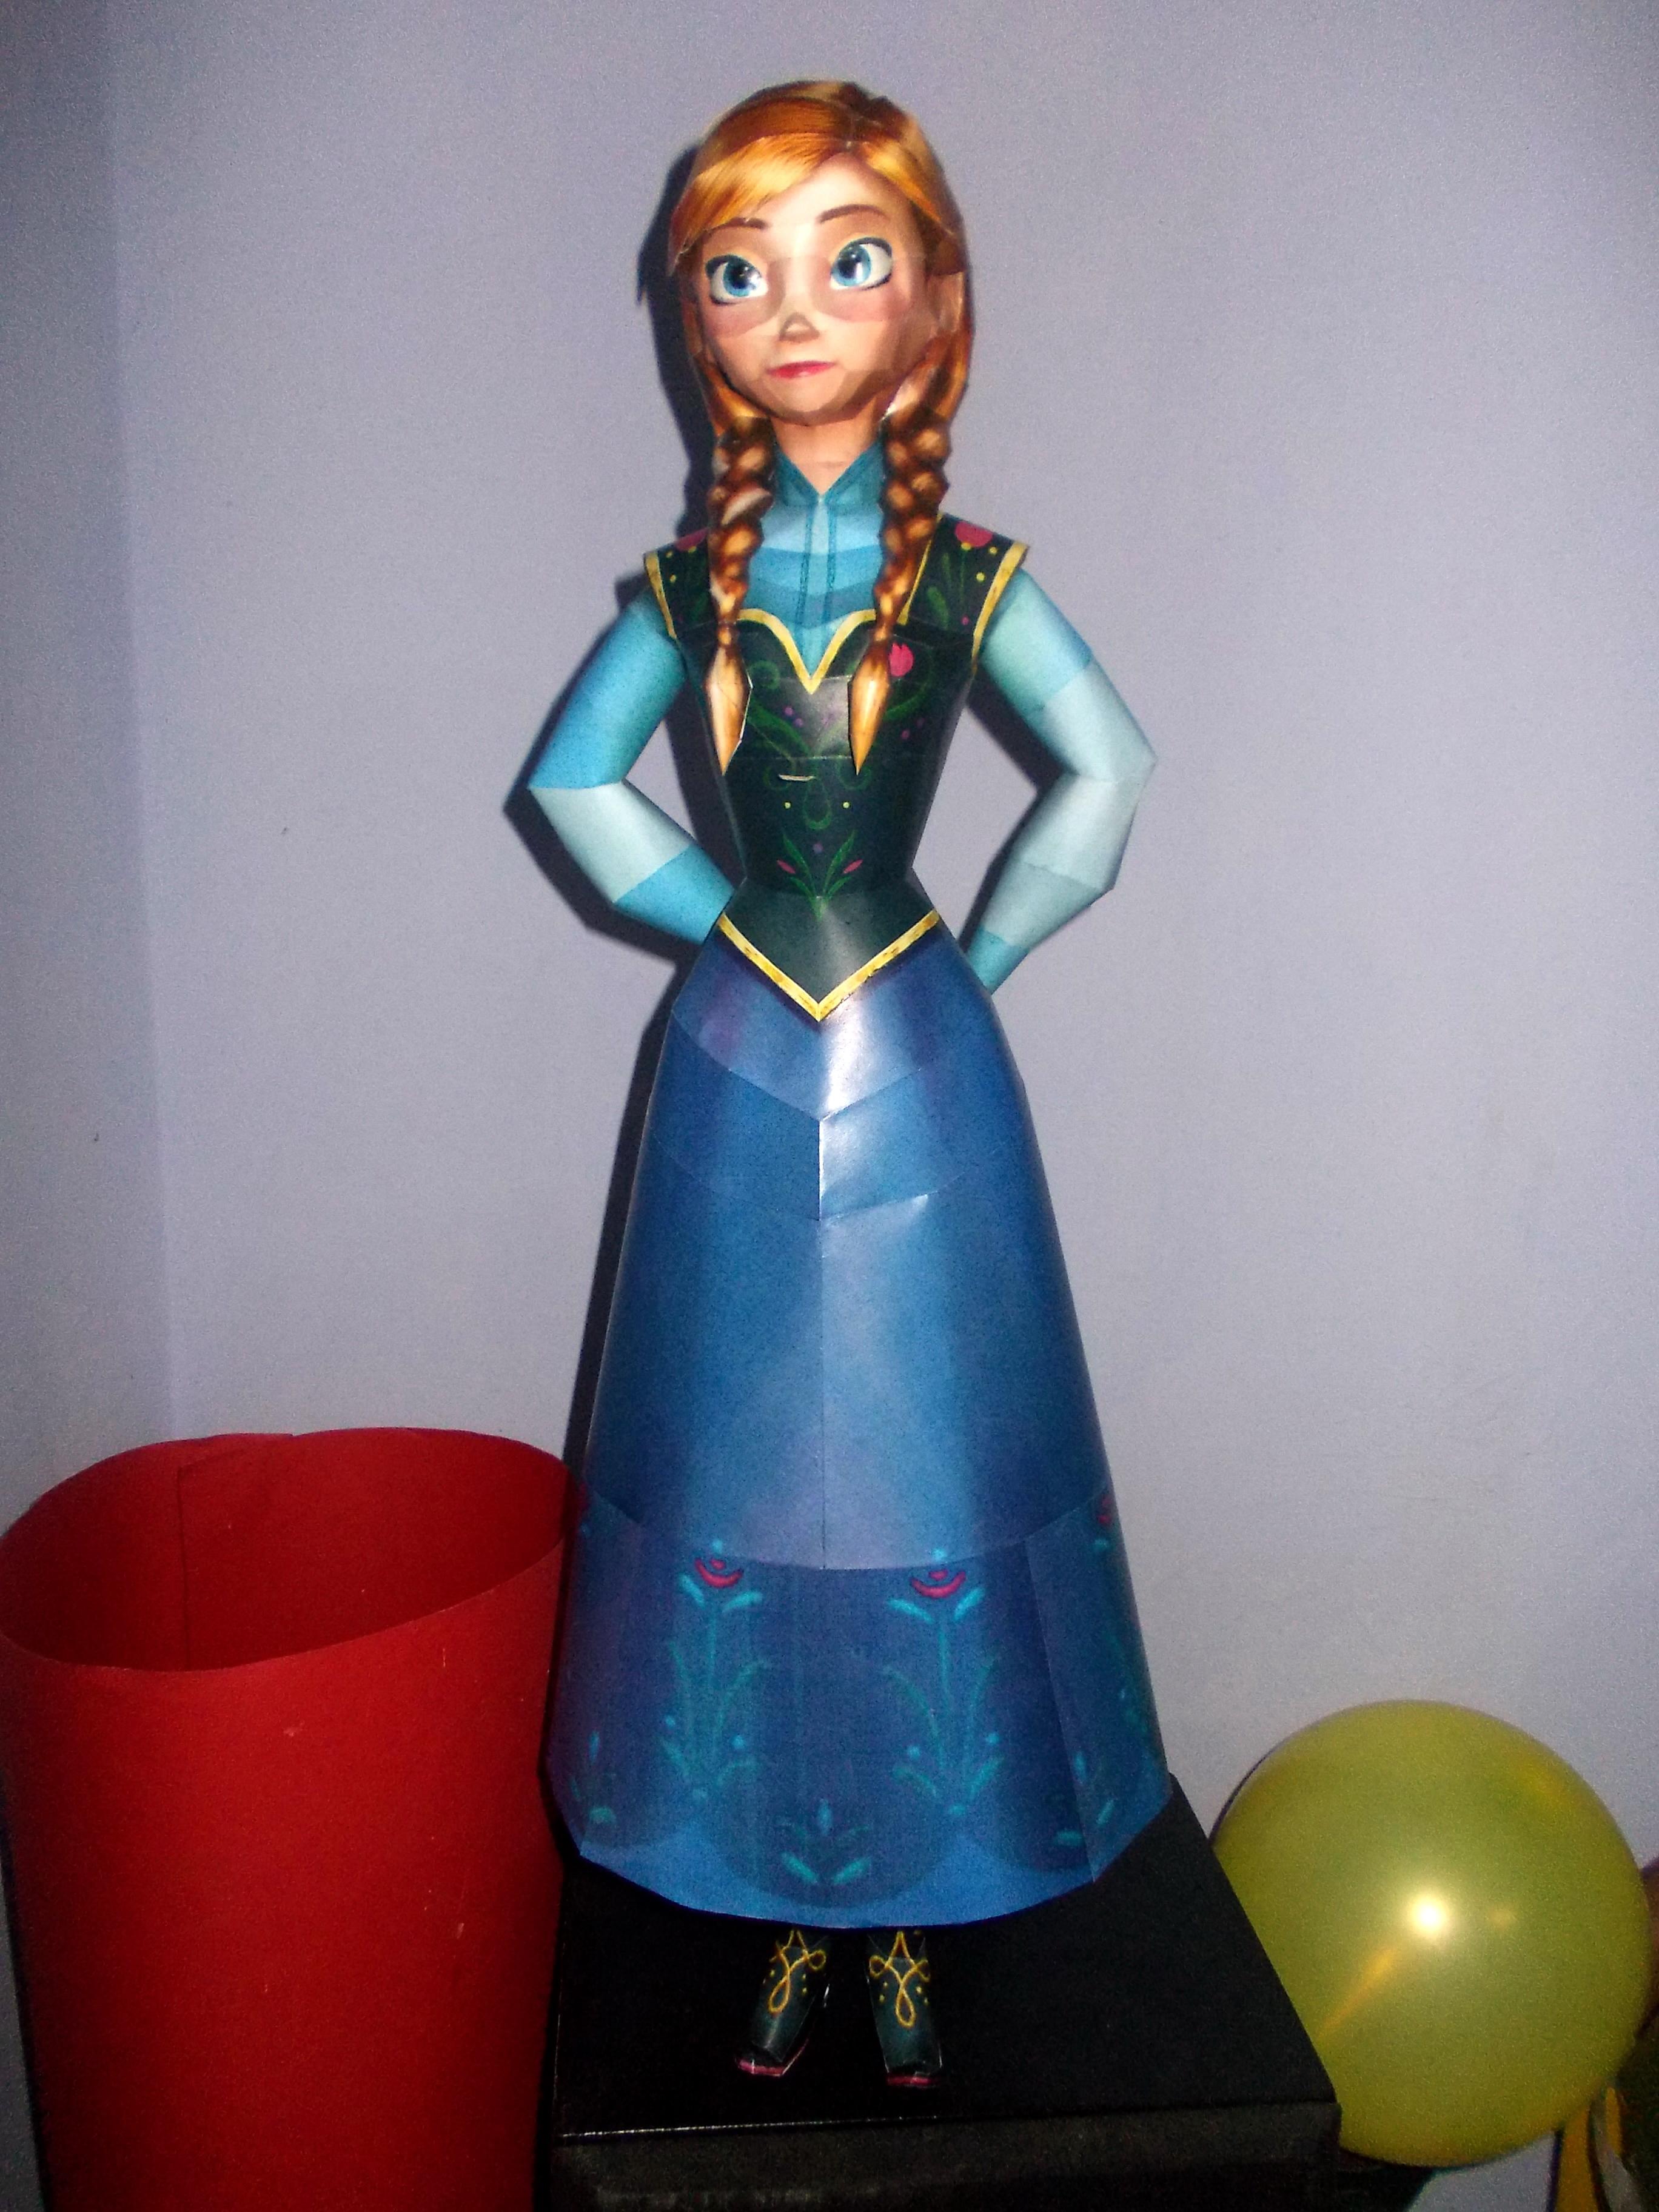 Anna (Frozen) Papercraft by Sabi996